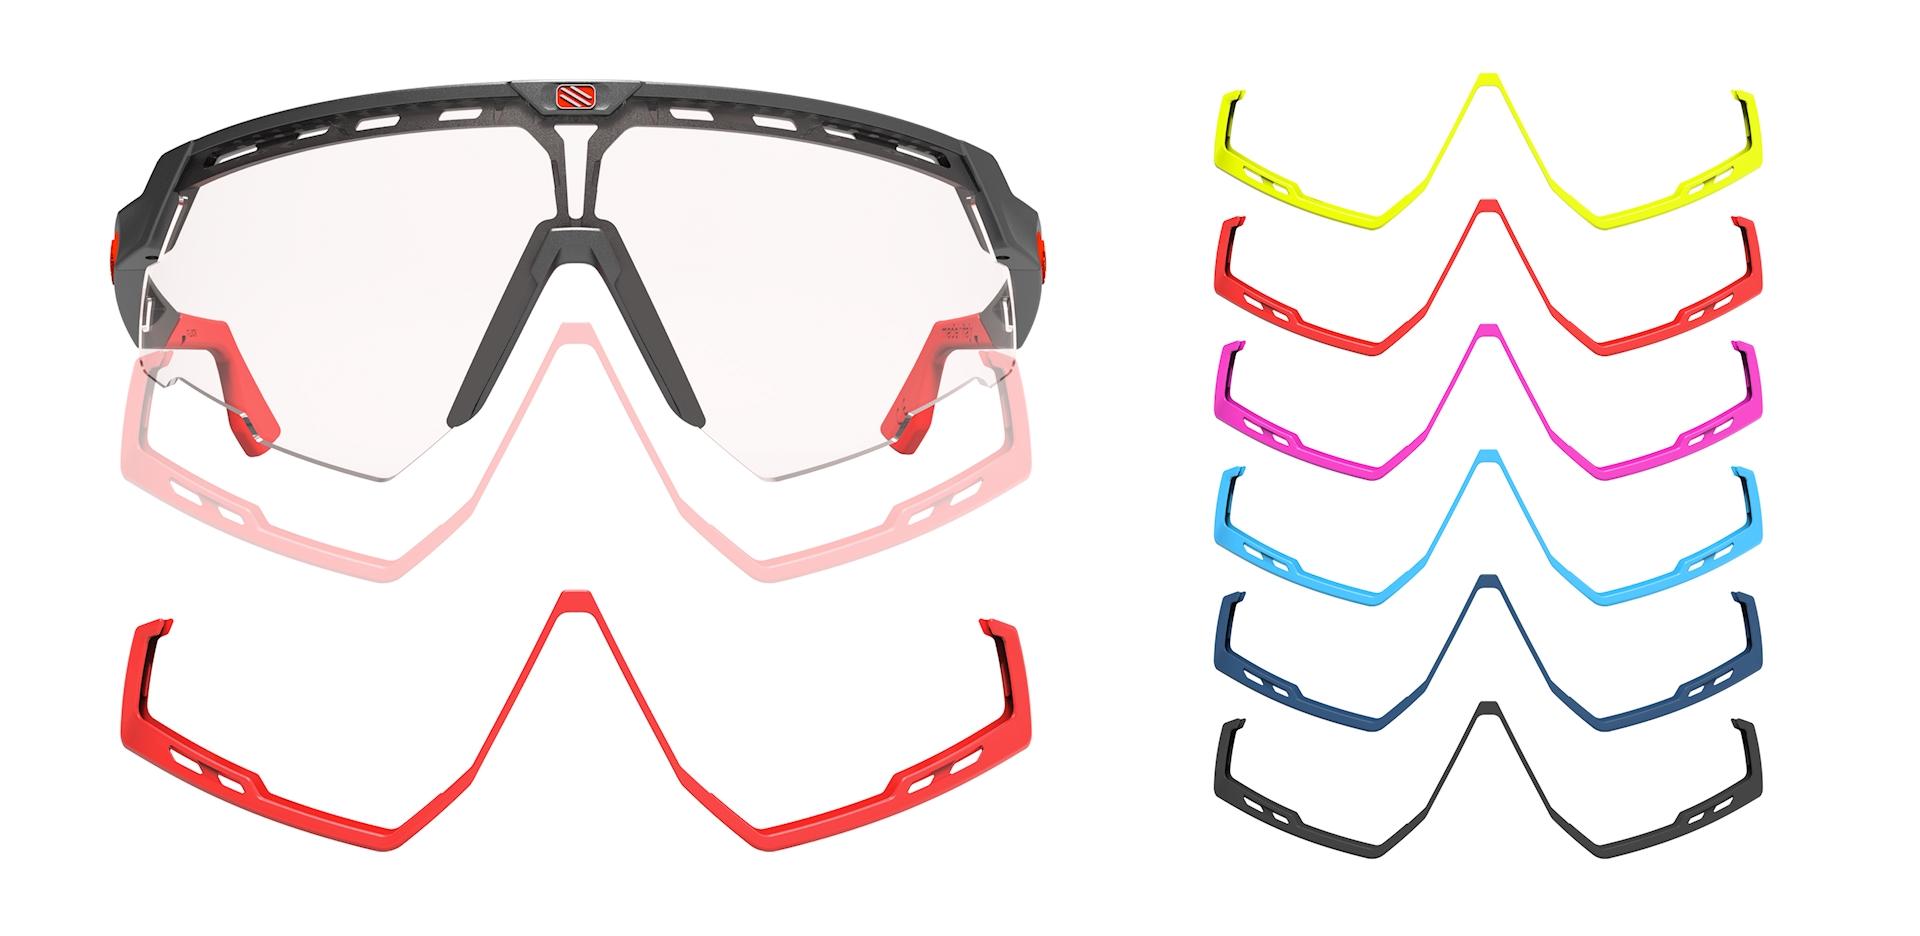 6ae6a6c30d6 Rudy Project presenteert nieuwe racebril Defender - Fiets.nl